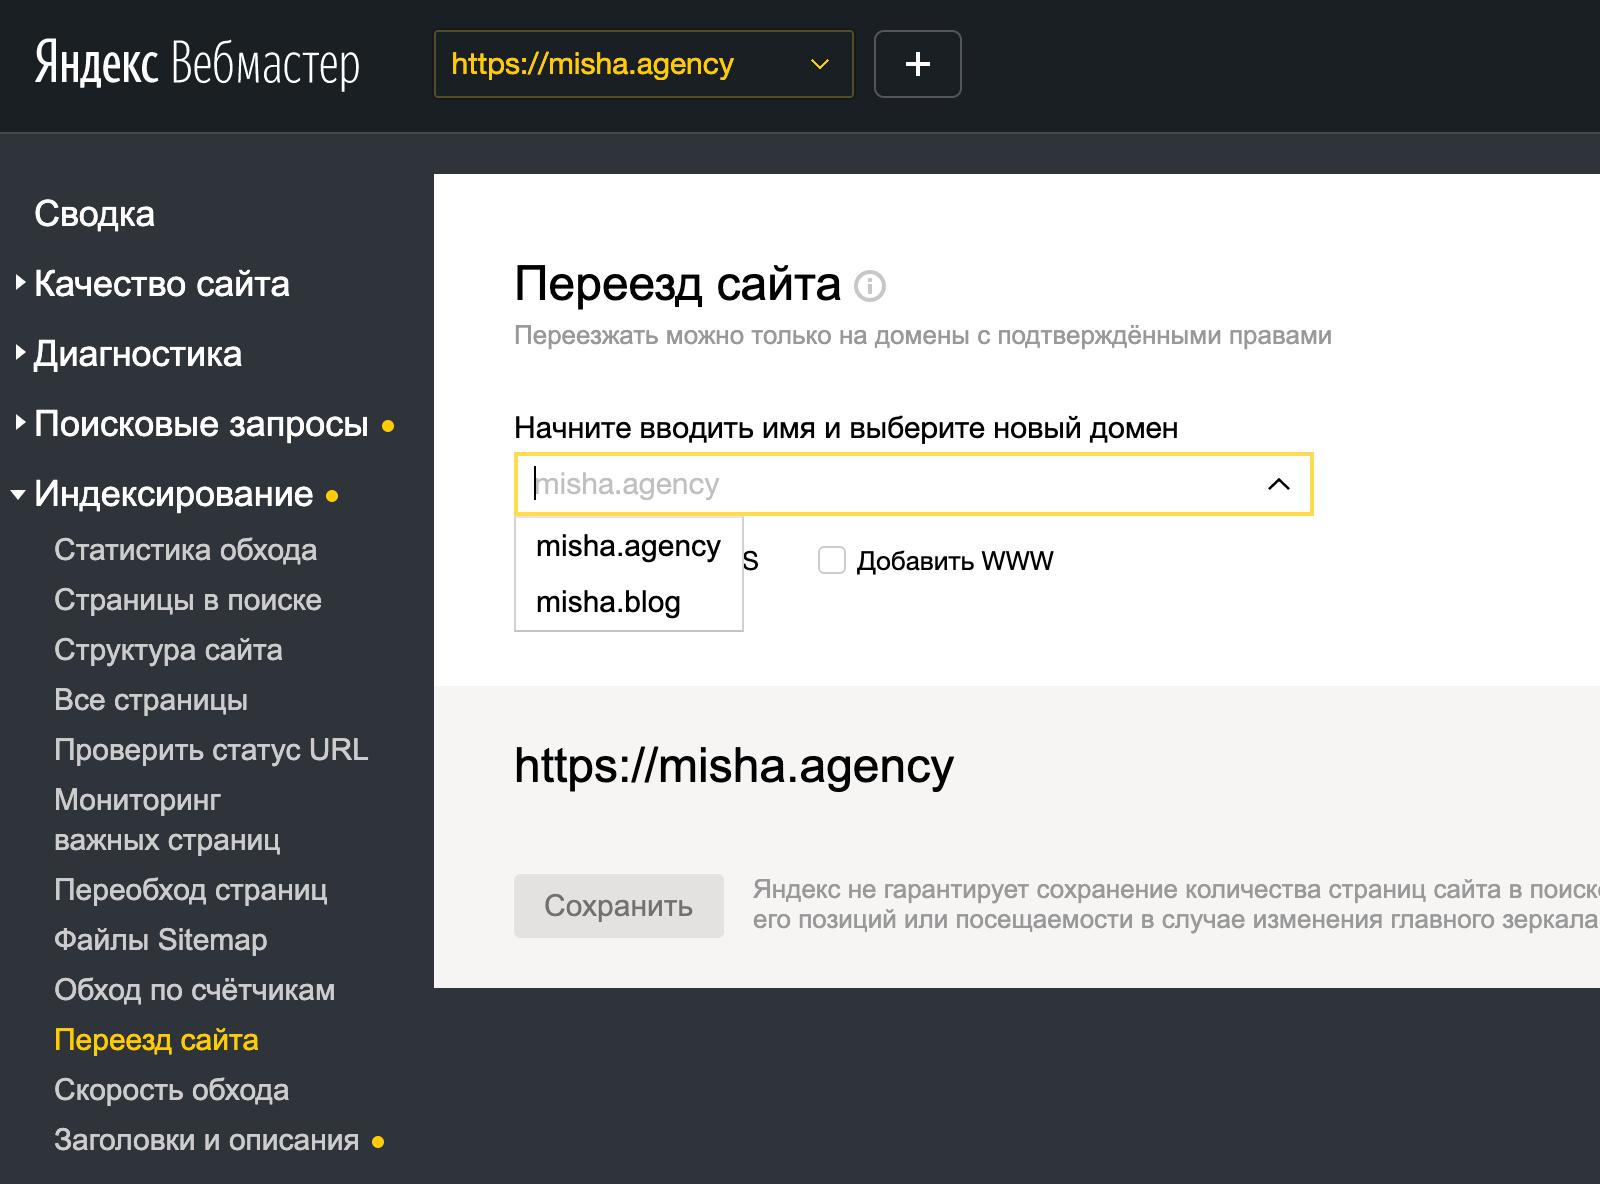 Изменение адреса в Яндекс Вебмастер консоли